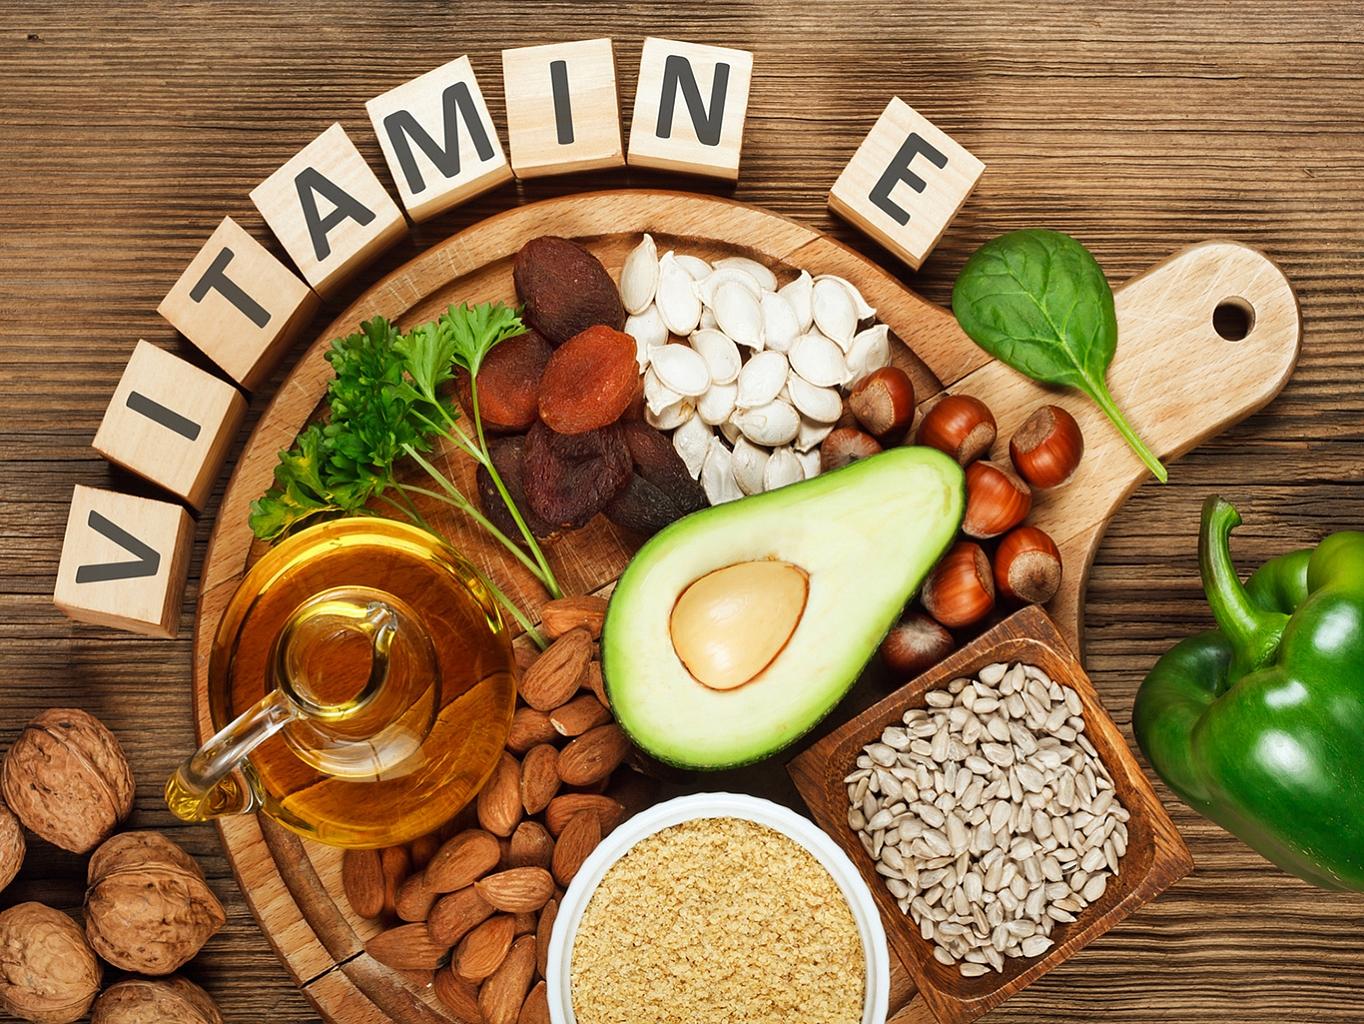 Витаминные продукты картинки